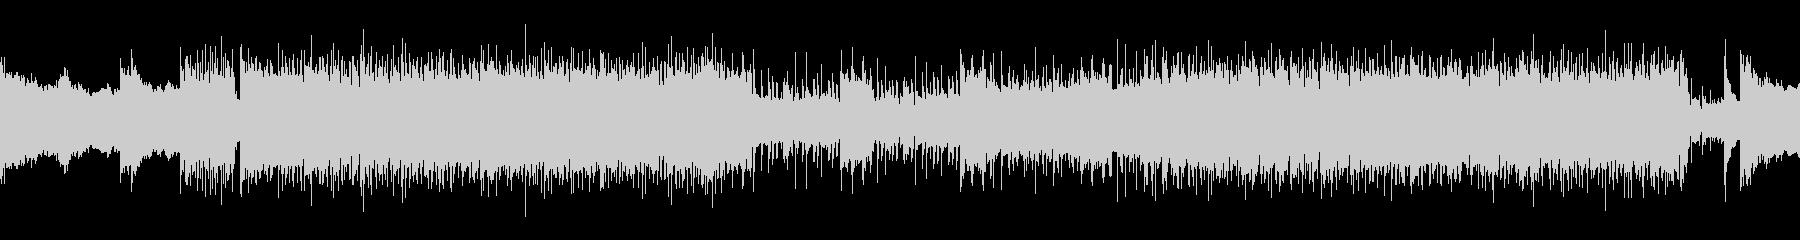 Duelist 60秒バンドサウンド版の未再生の波形